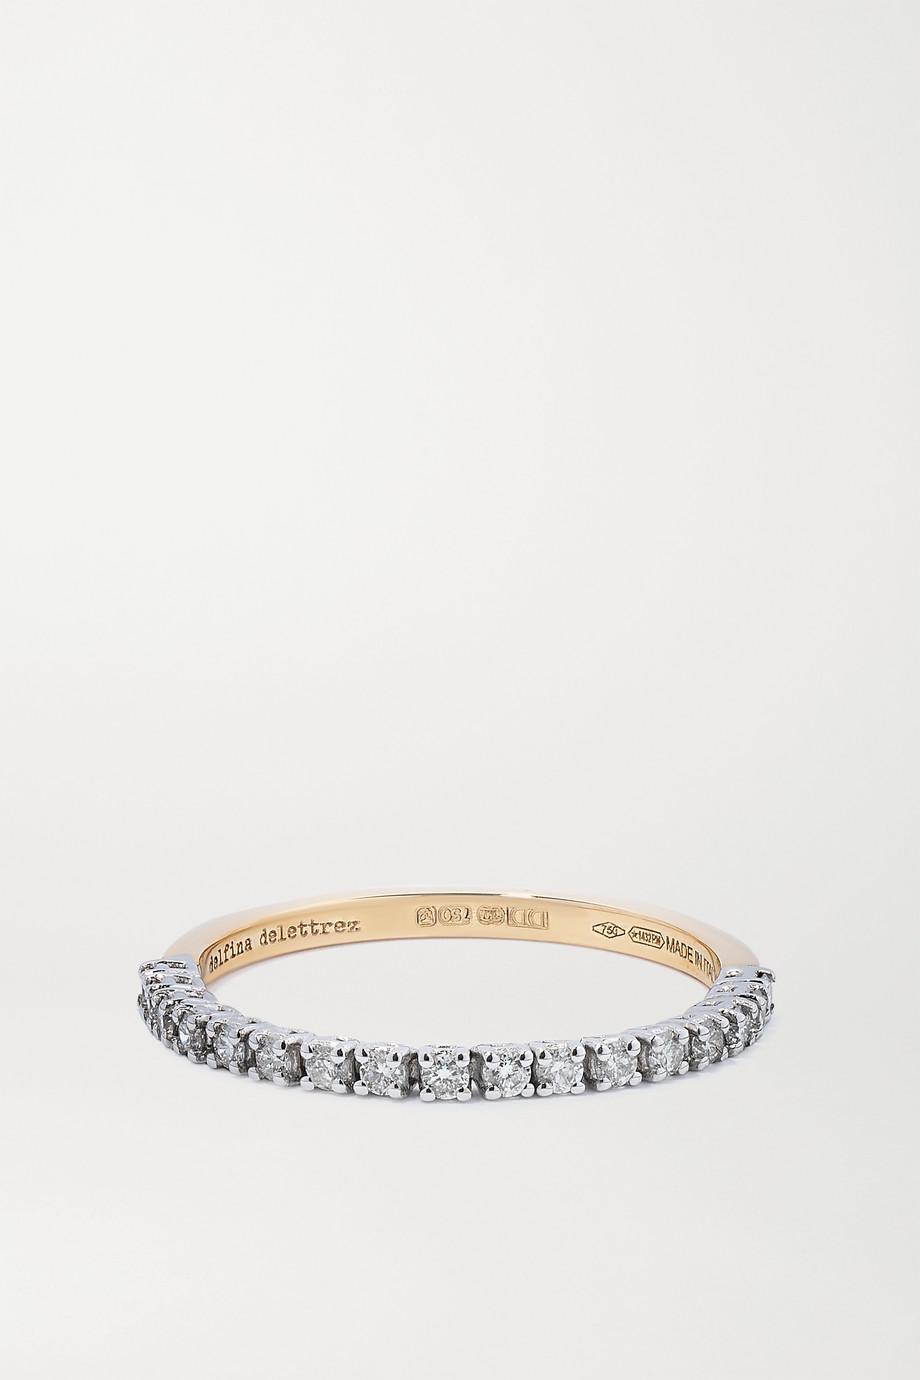 Delfina Delettrez Bague en or jaune et blanc 18 carats et diamants